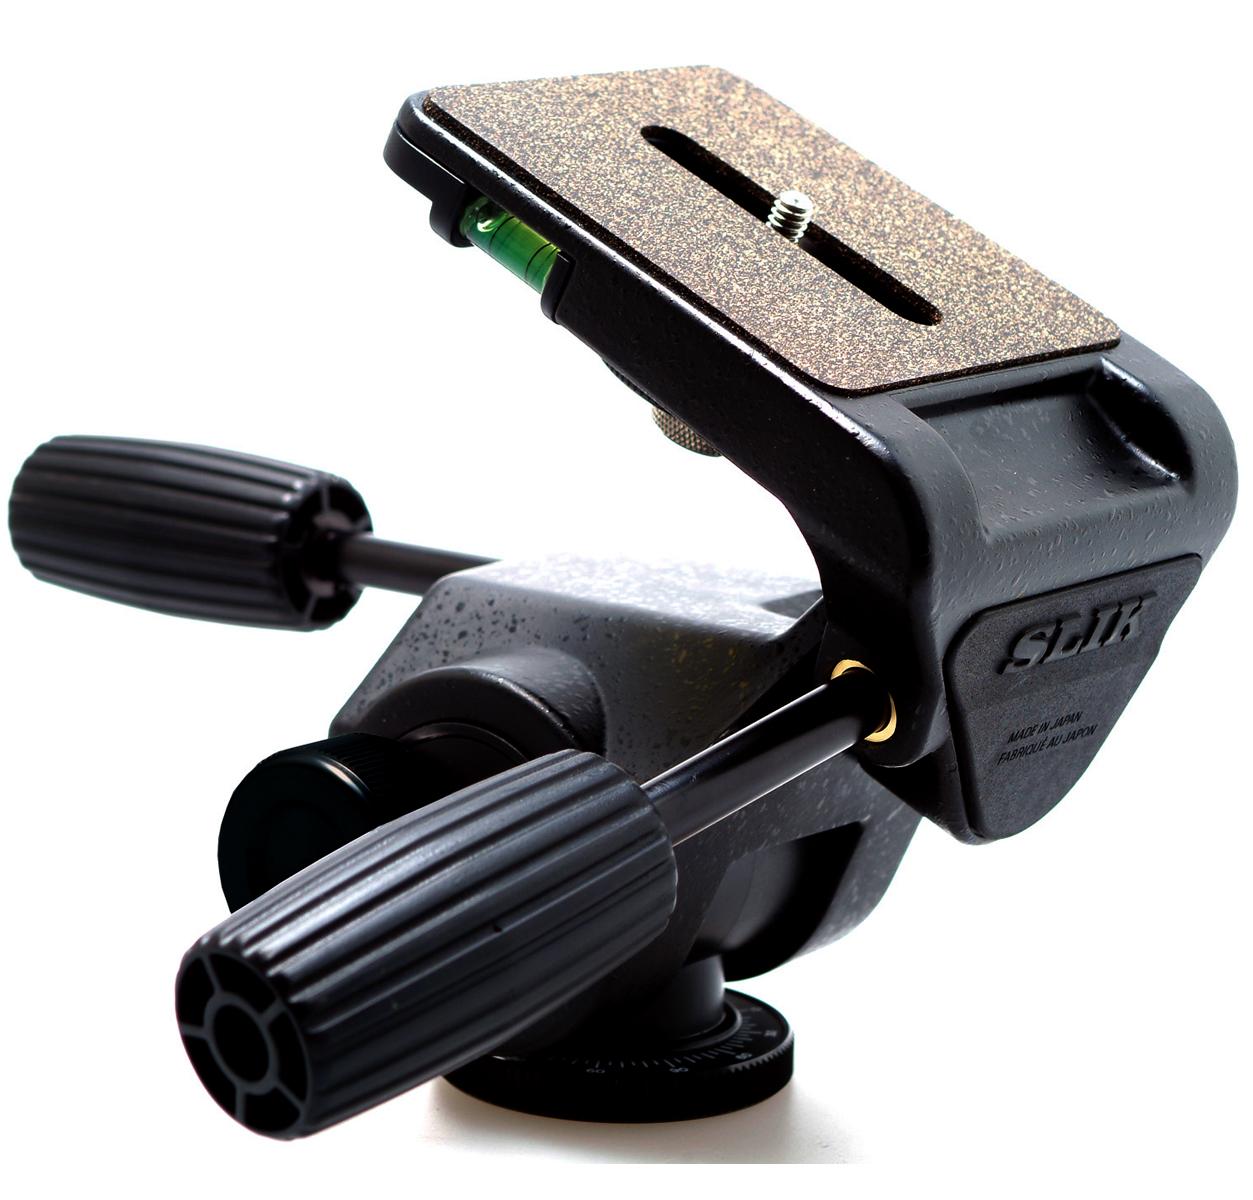 SLIK SH-909 プロ仕様雲台『1~3営業日後の発送』[大型三脚にフィットする、最大・超大型3Wayプロ仕様雲台。超望遠レンズや大中判カメラなどの重量機材をしっかりと支える雲台。]【smtb-TK】[fs04gm][02P05Nov16]